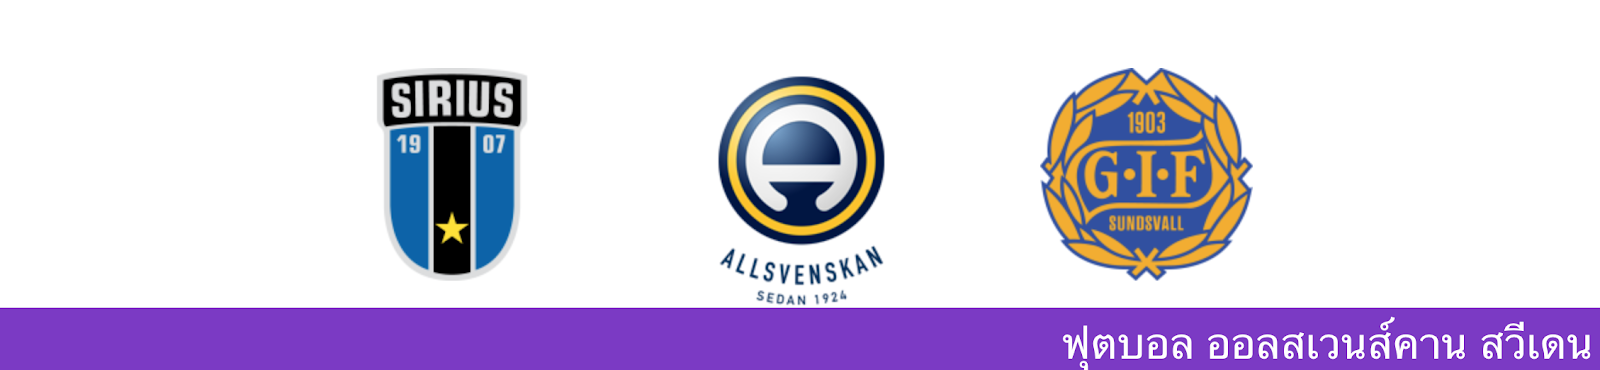 ผลบอล วิเคราะห์บอล สวีเดน ระหว่าง ซิริอุส vs ซุนด์สวัลล์